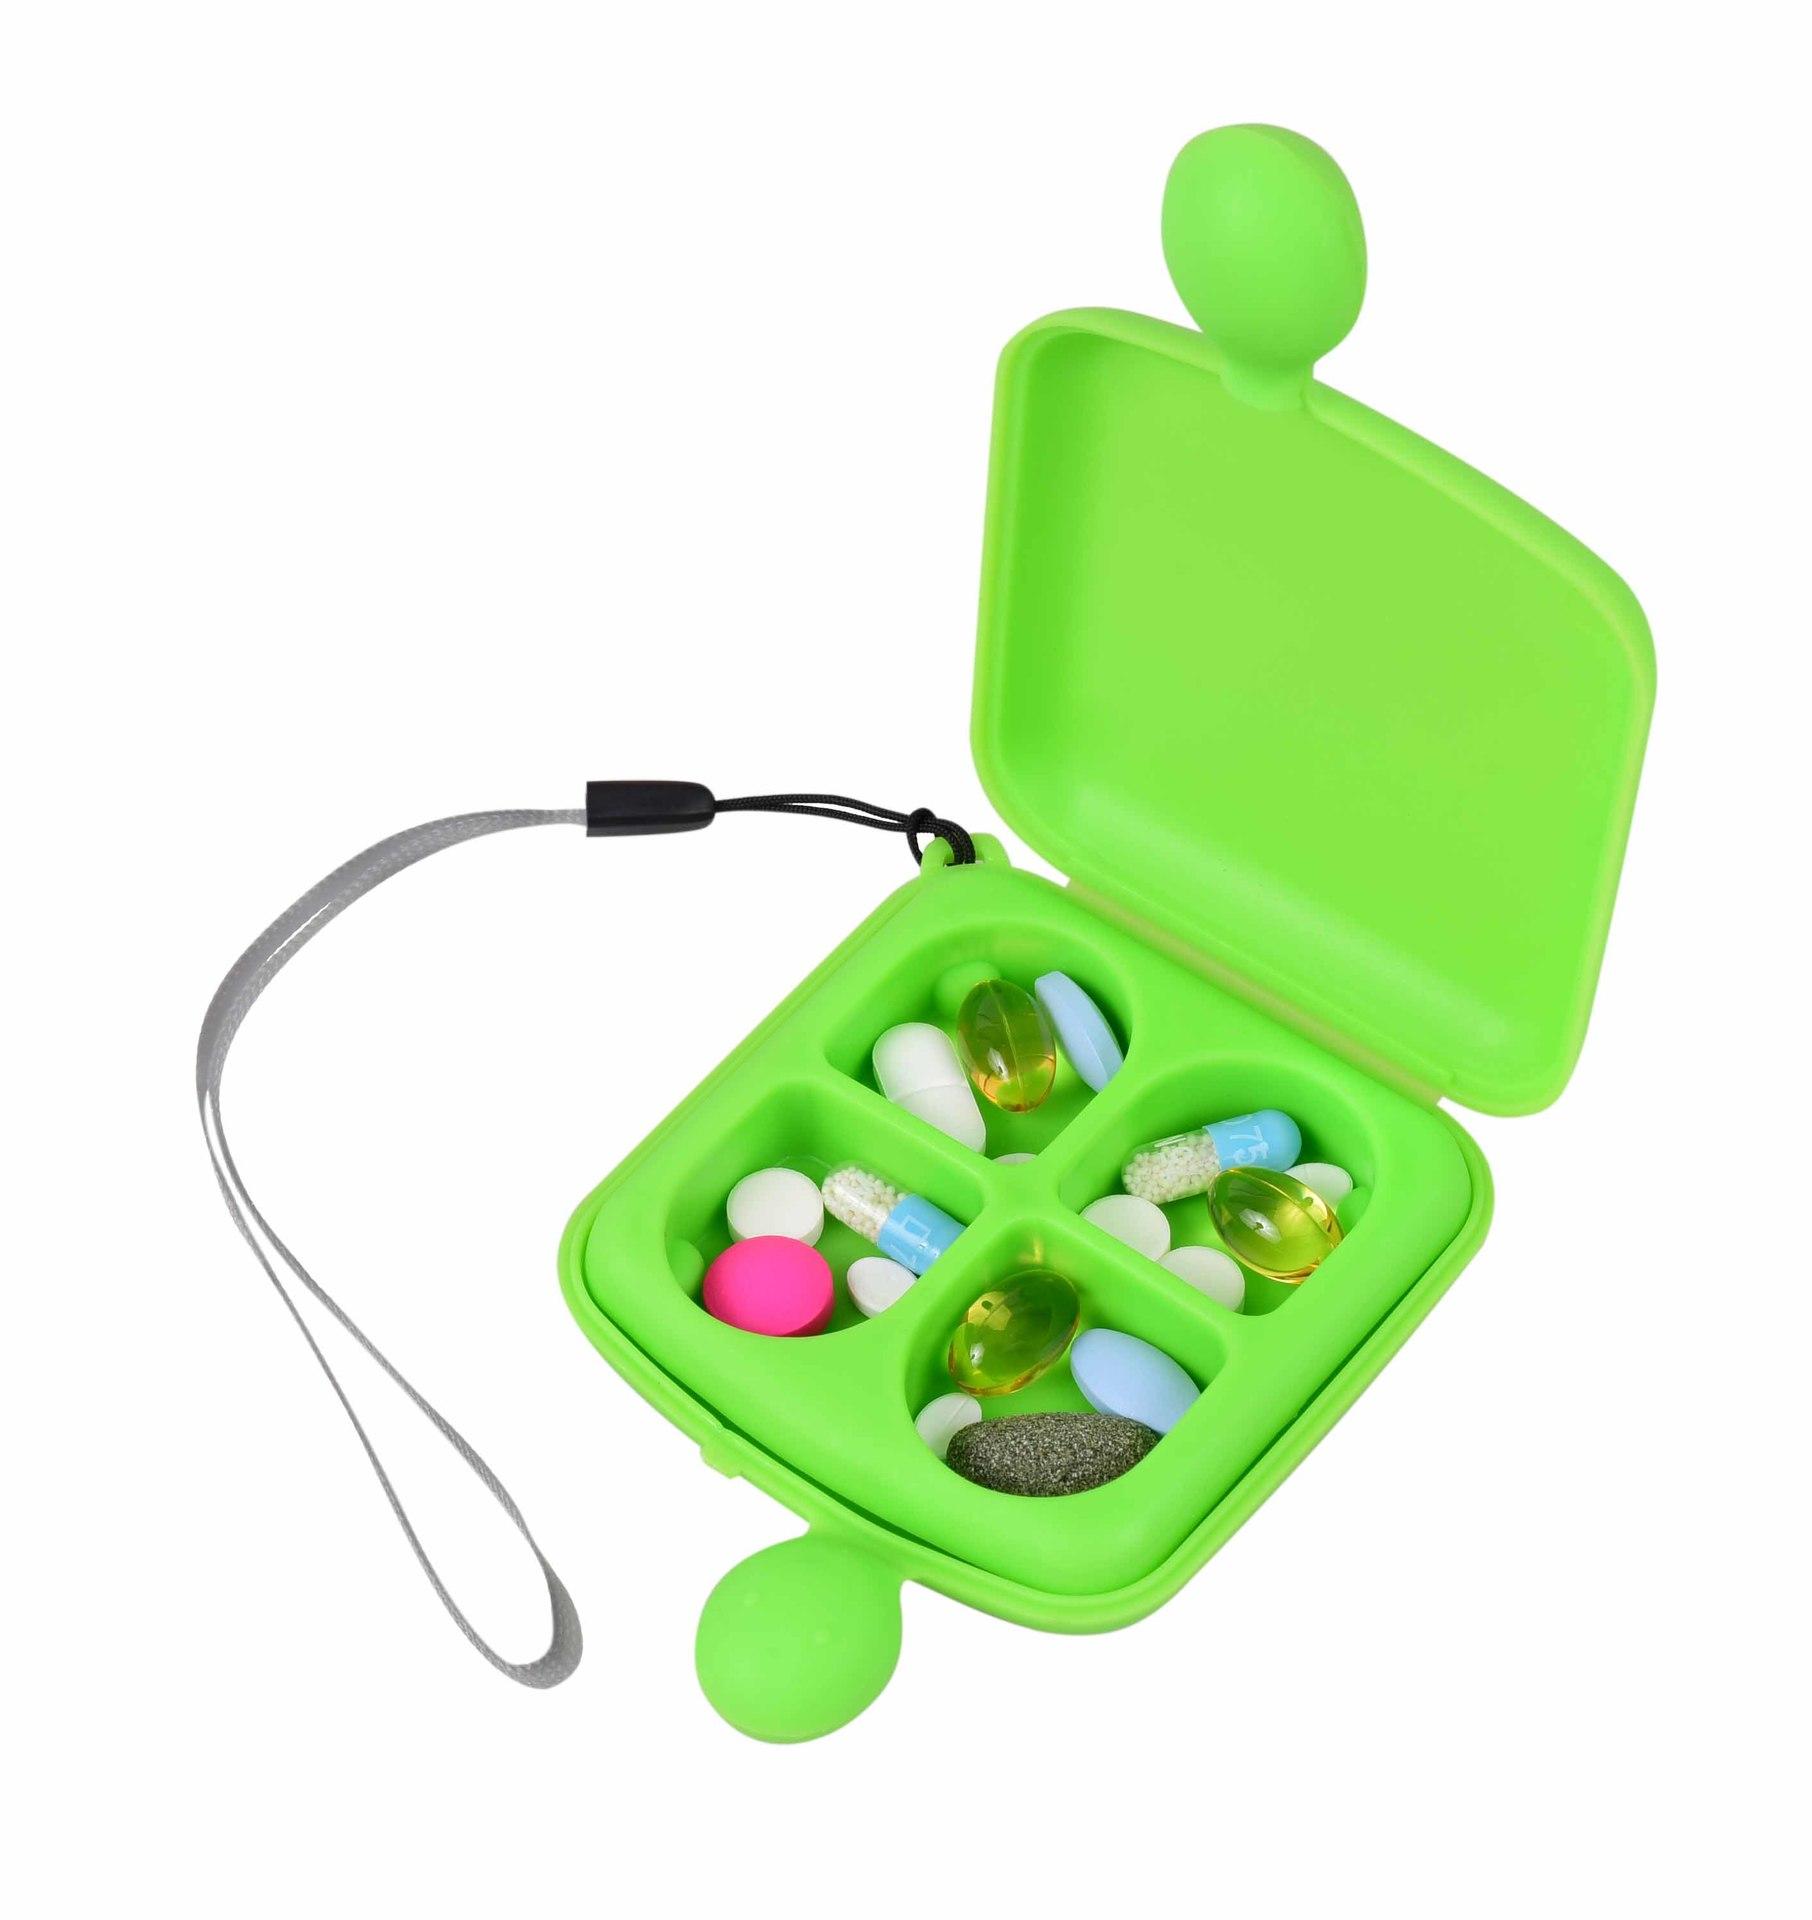 Vitamínovník, zásobník na léky a vitamíny, zelený